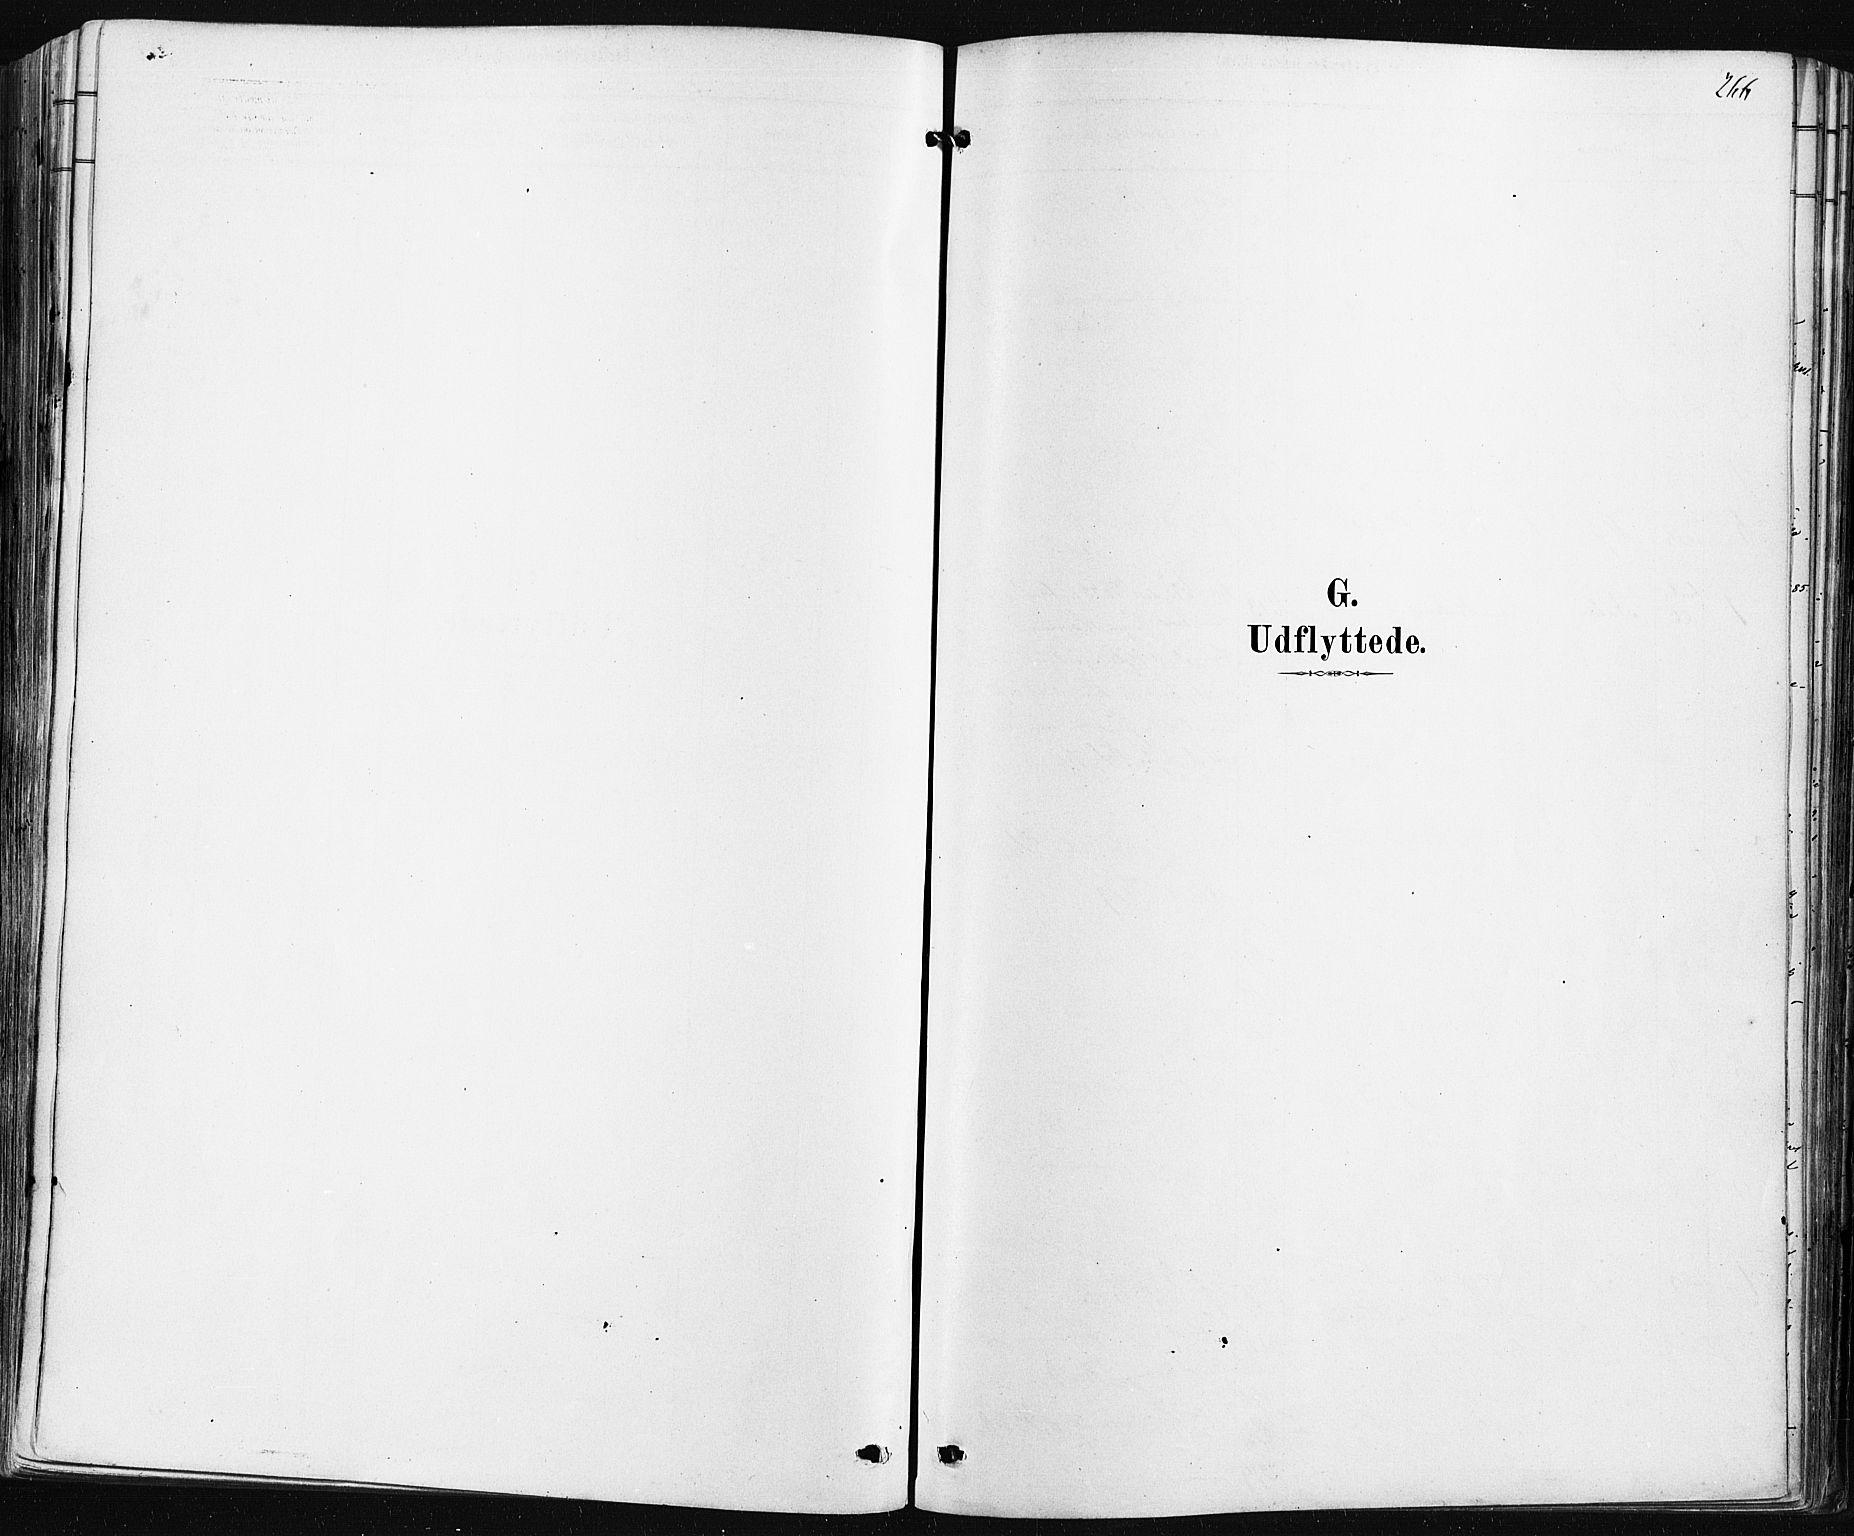 SAKO, Borre kirkebøker, F/Fa/L0009: Ministerialbok nr. I 9, 1878-1896, s. 266